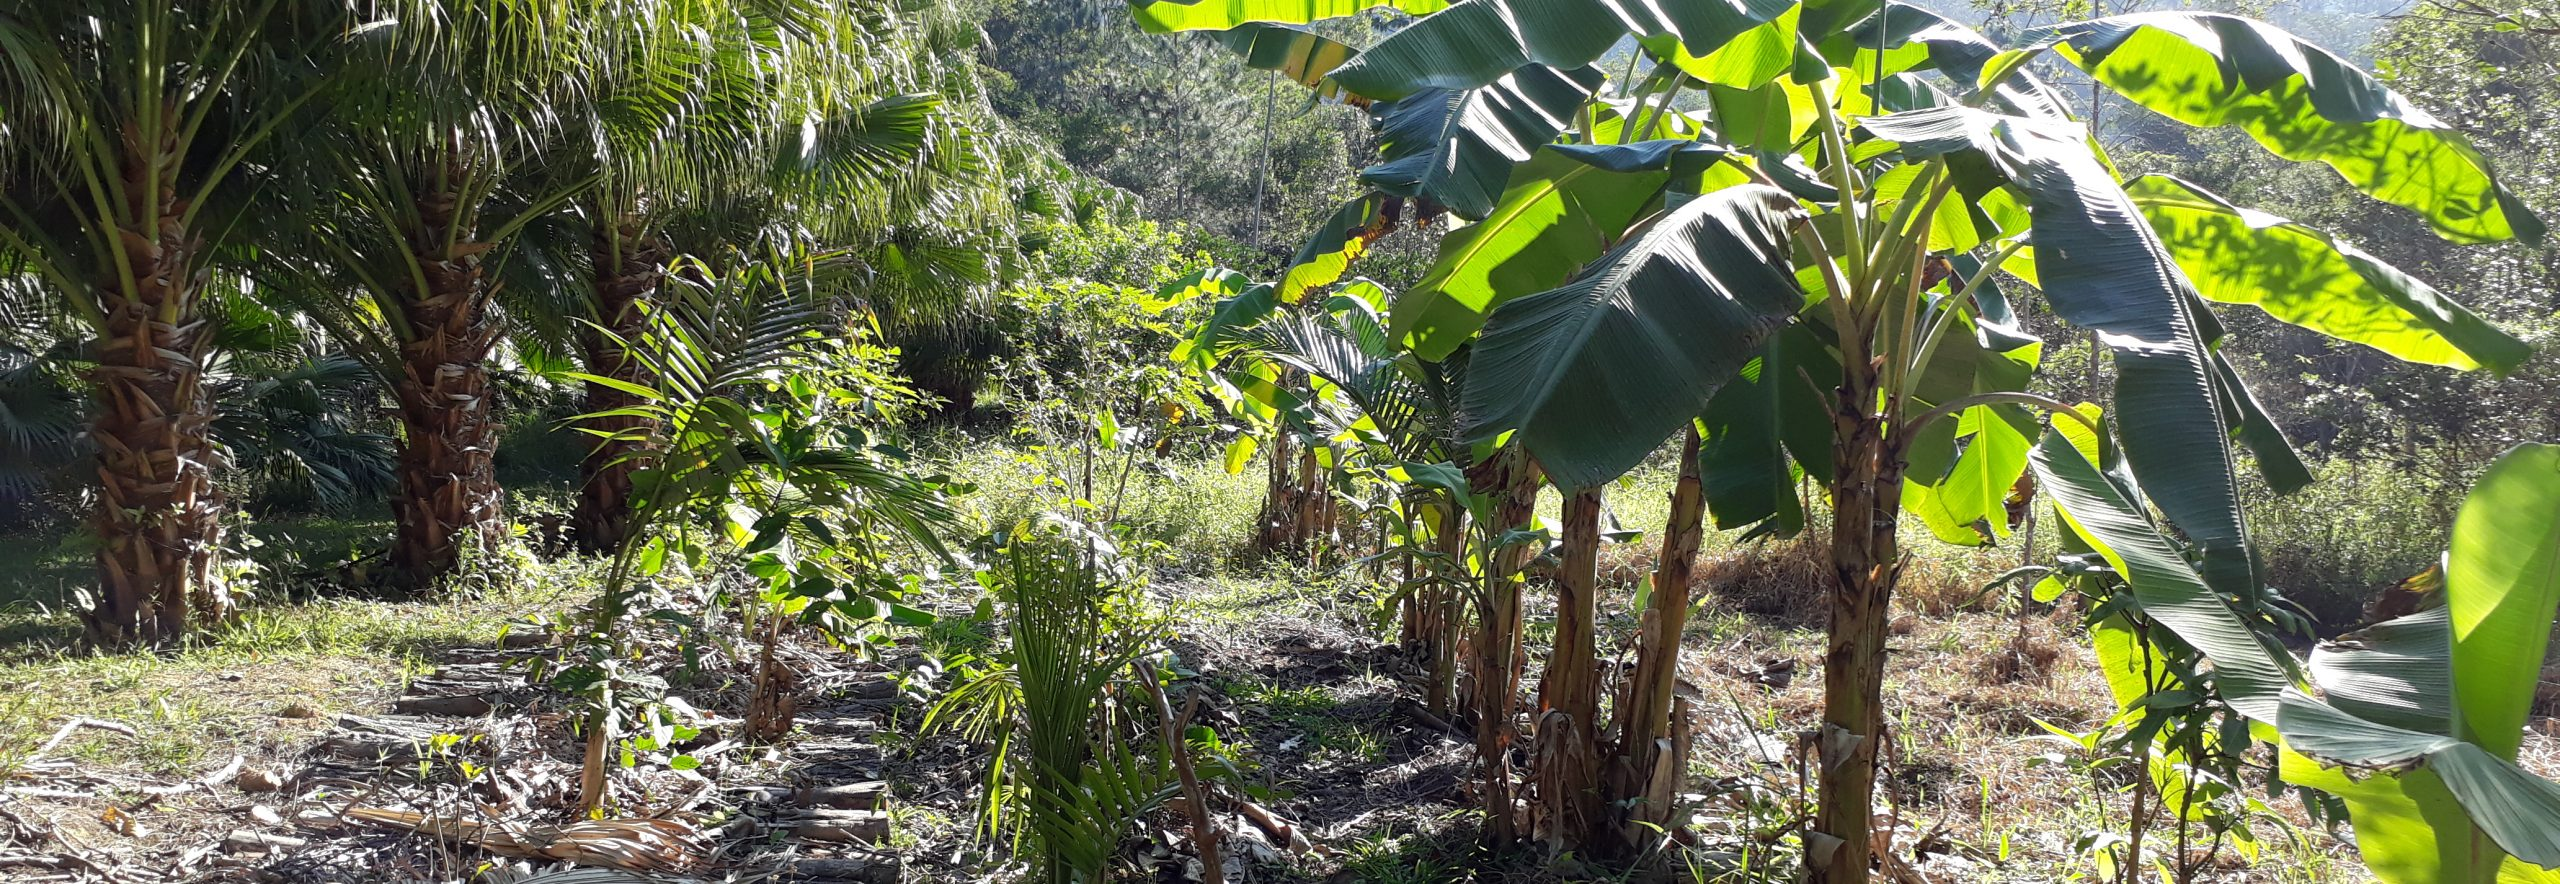 Nova Oikos Permacultura e Decrescimento - Endereço: Camboriú, Santa Catarina \ Contato: E-mail: nova.oikos@gmail.com